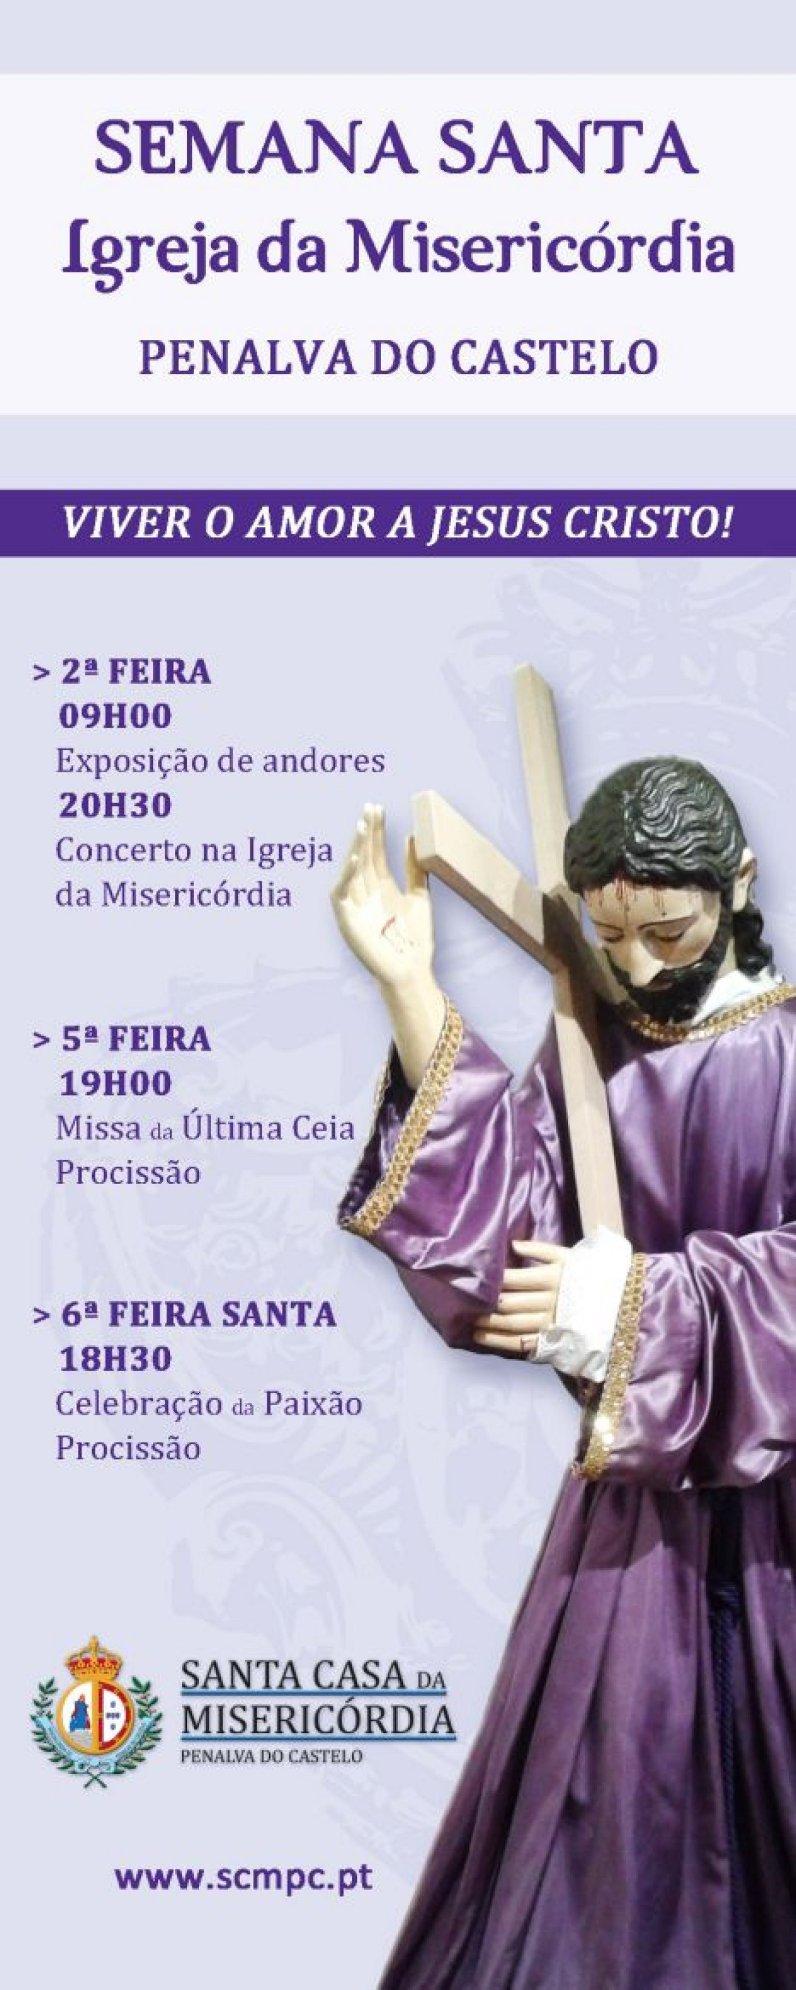 Semana Santa 6